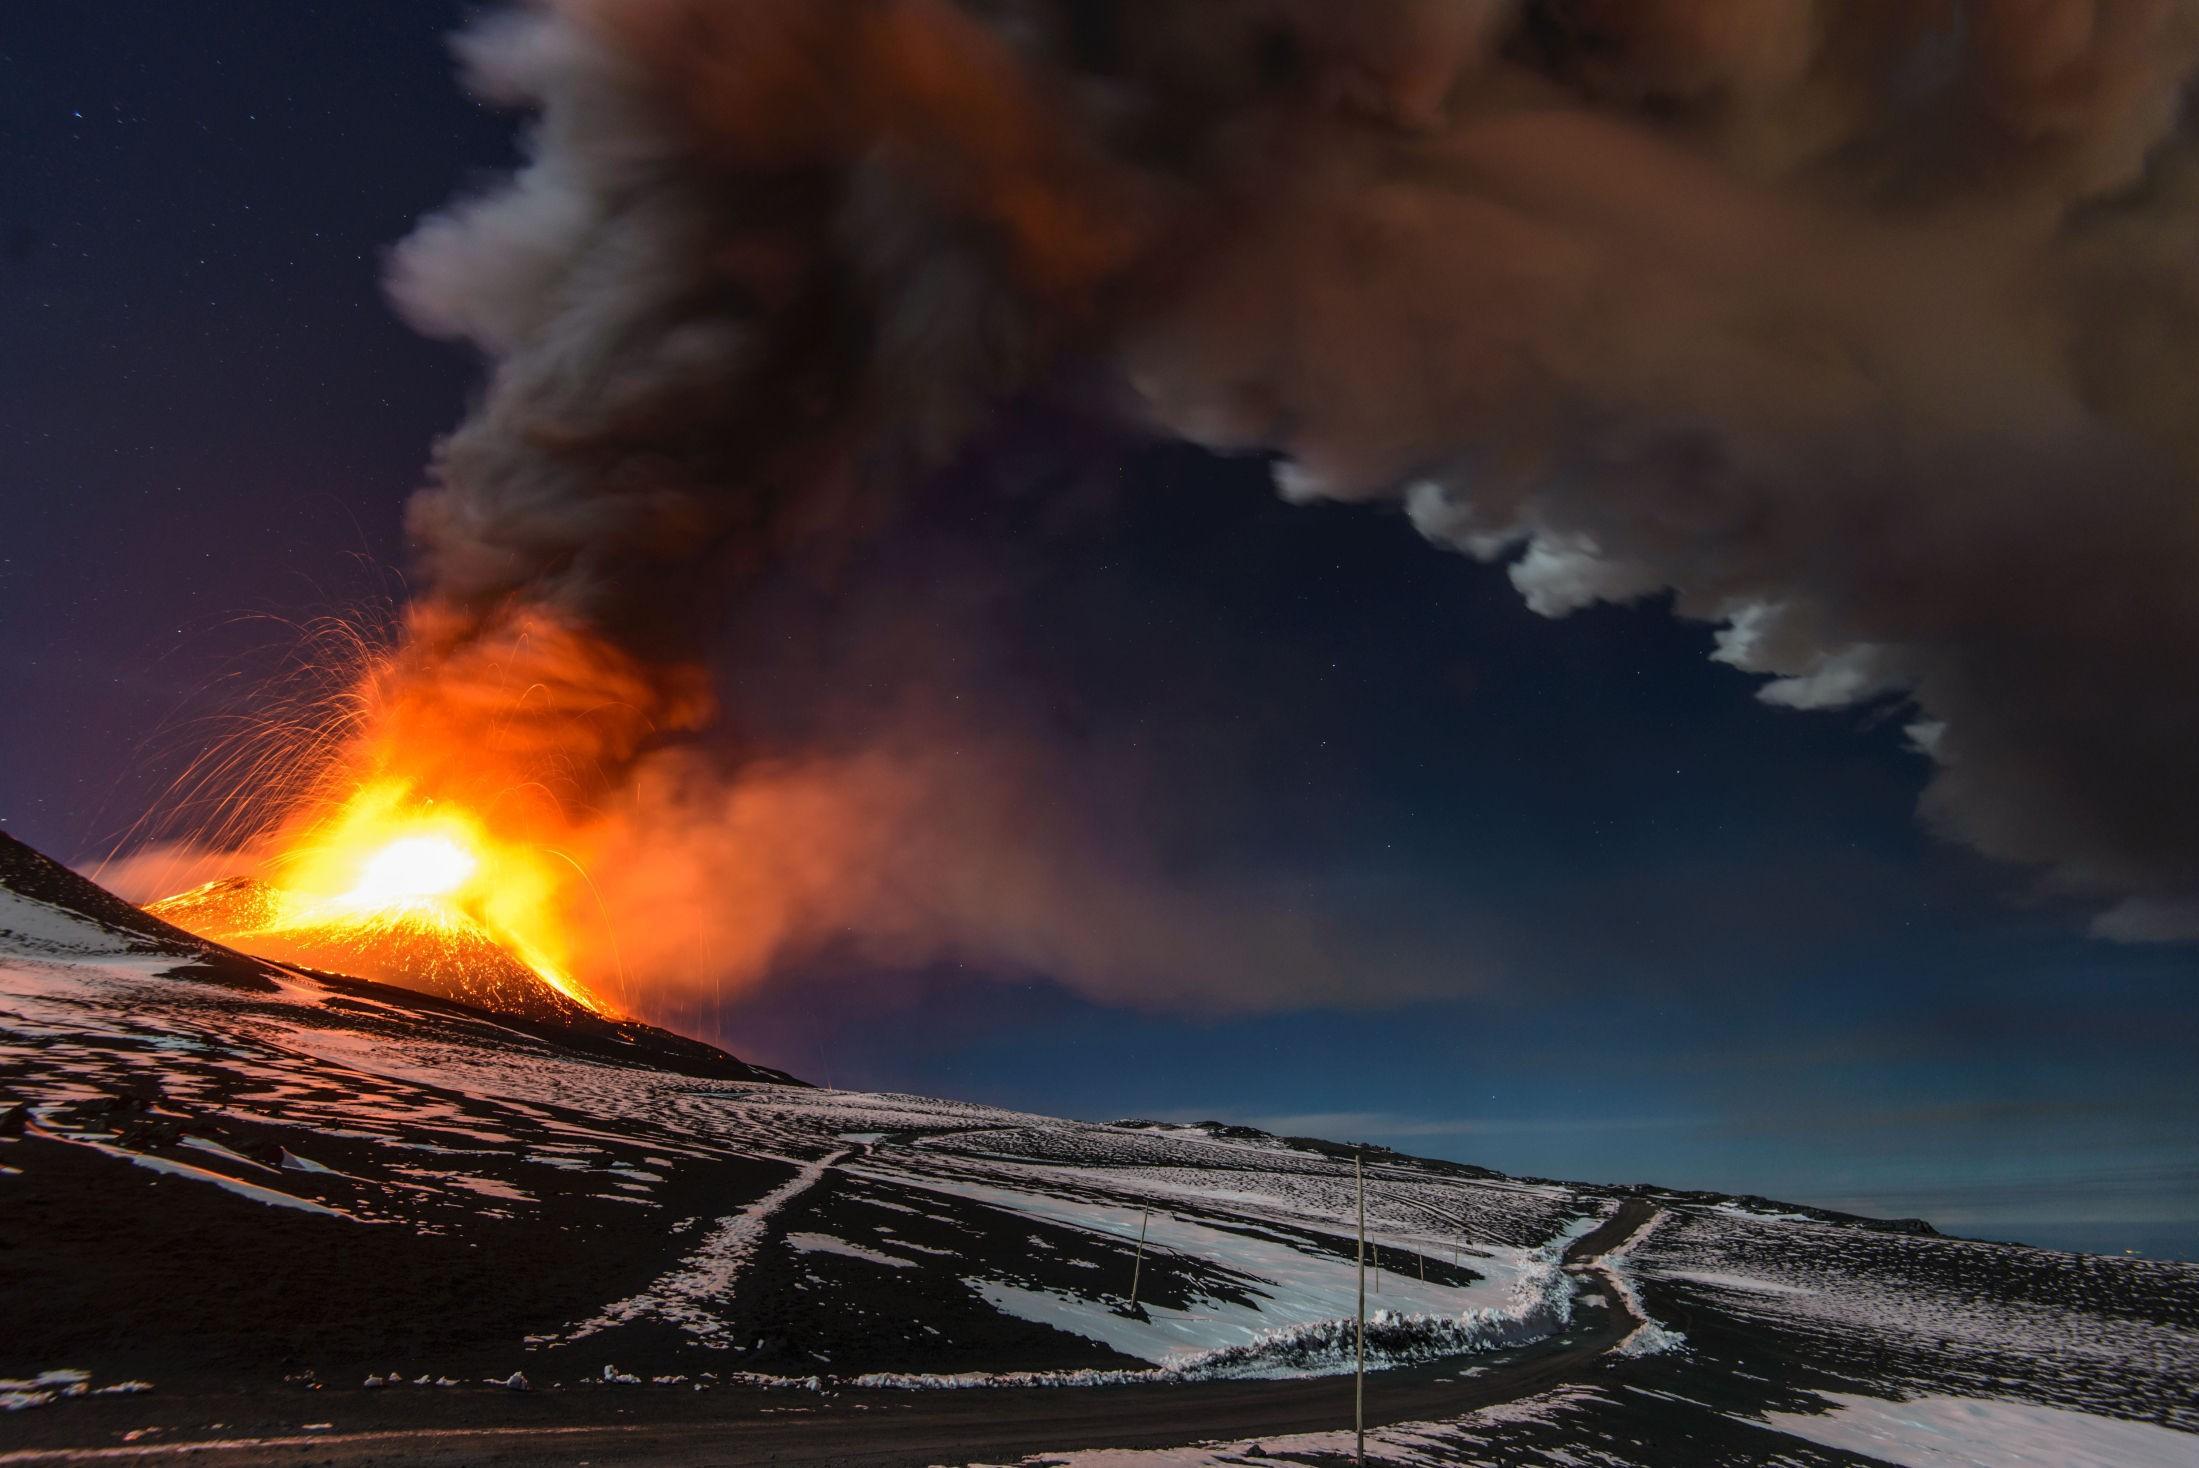 UTBRUDD: For over 250 millioner år siden hadde en rekke vulkaner i Sibir utbrudd. Noen forskere tror dette ledet til en masseutryddelse som førte til at 90 prosent av alt liv på jorden forsvant. På bildet ser vi vulkanen Etna på øya Sicilia i 2013.